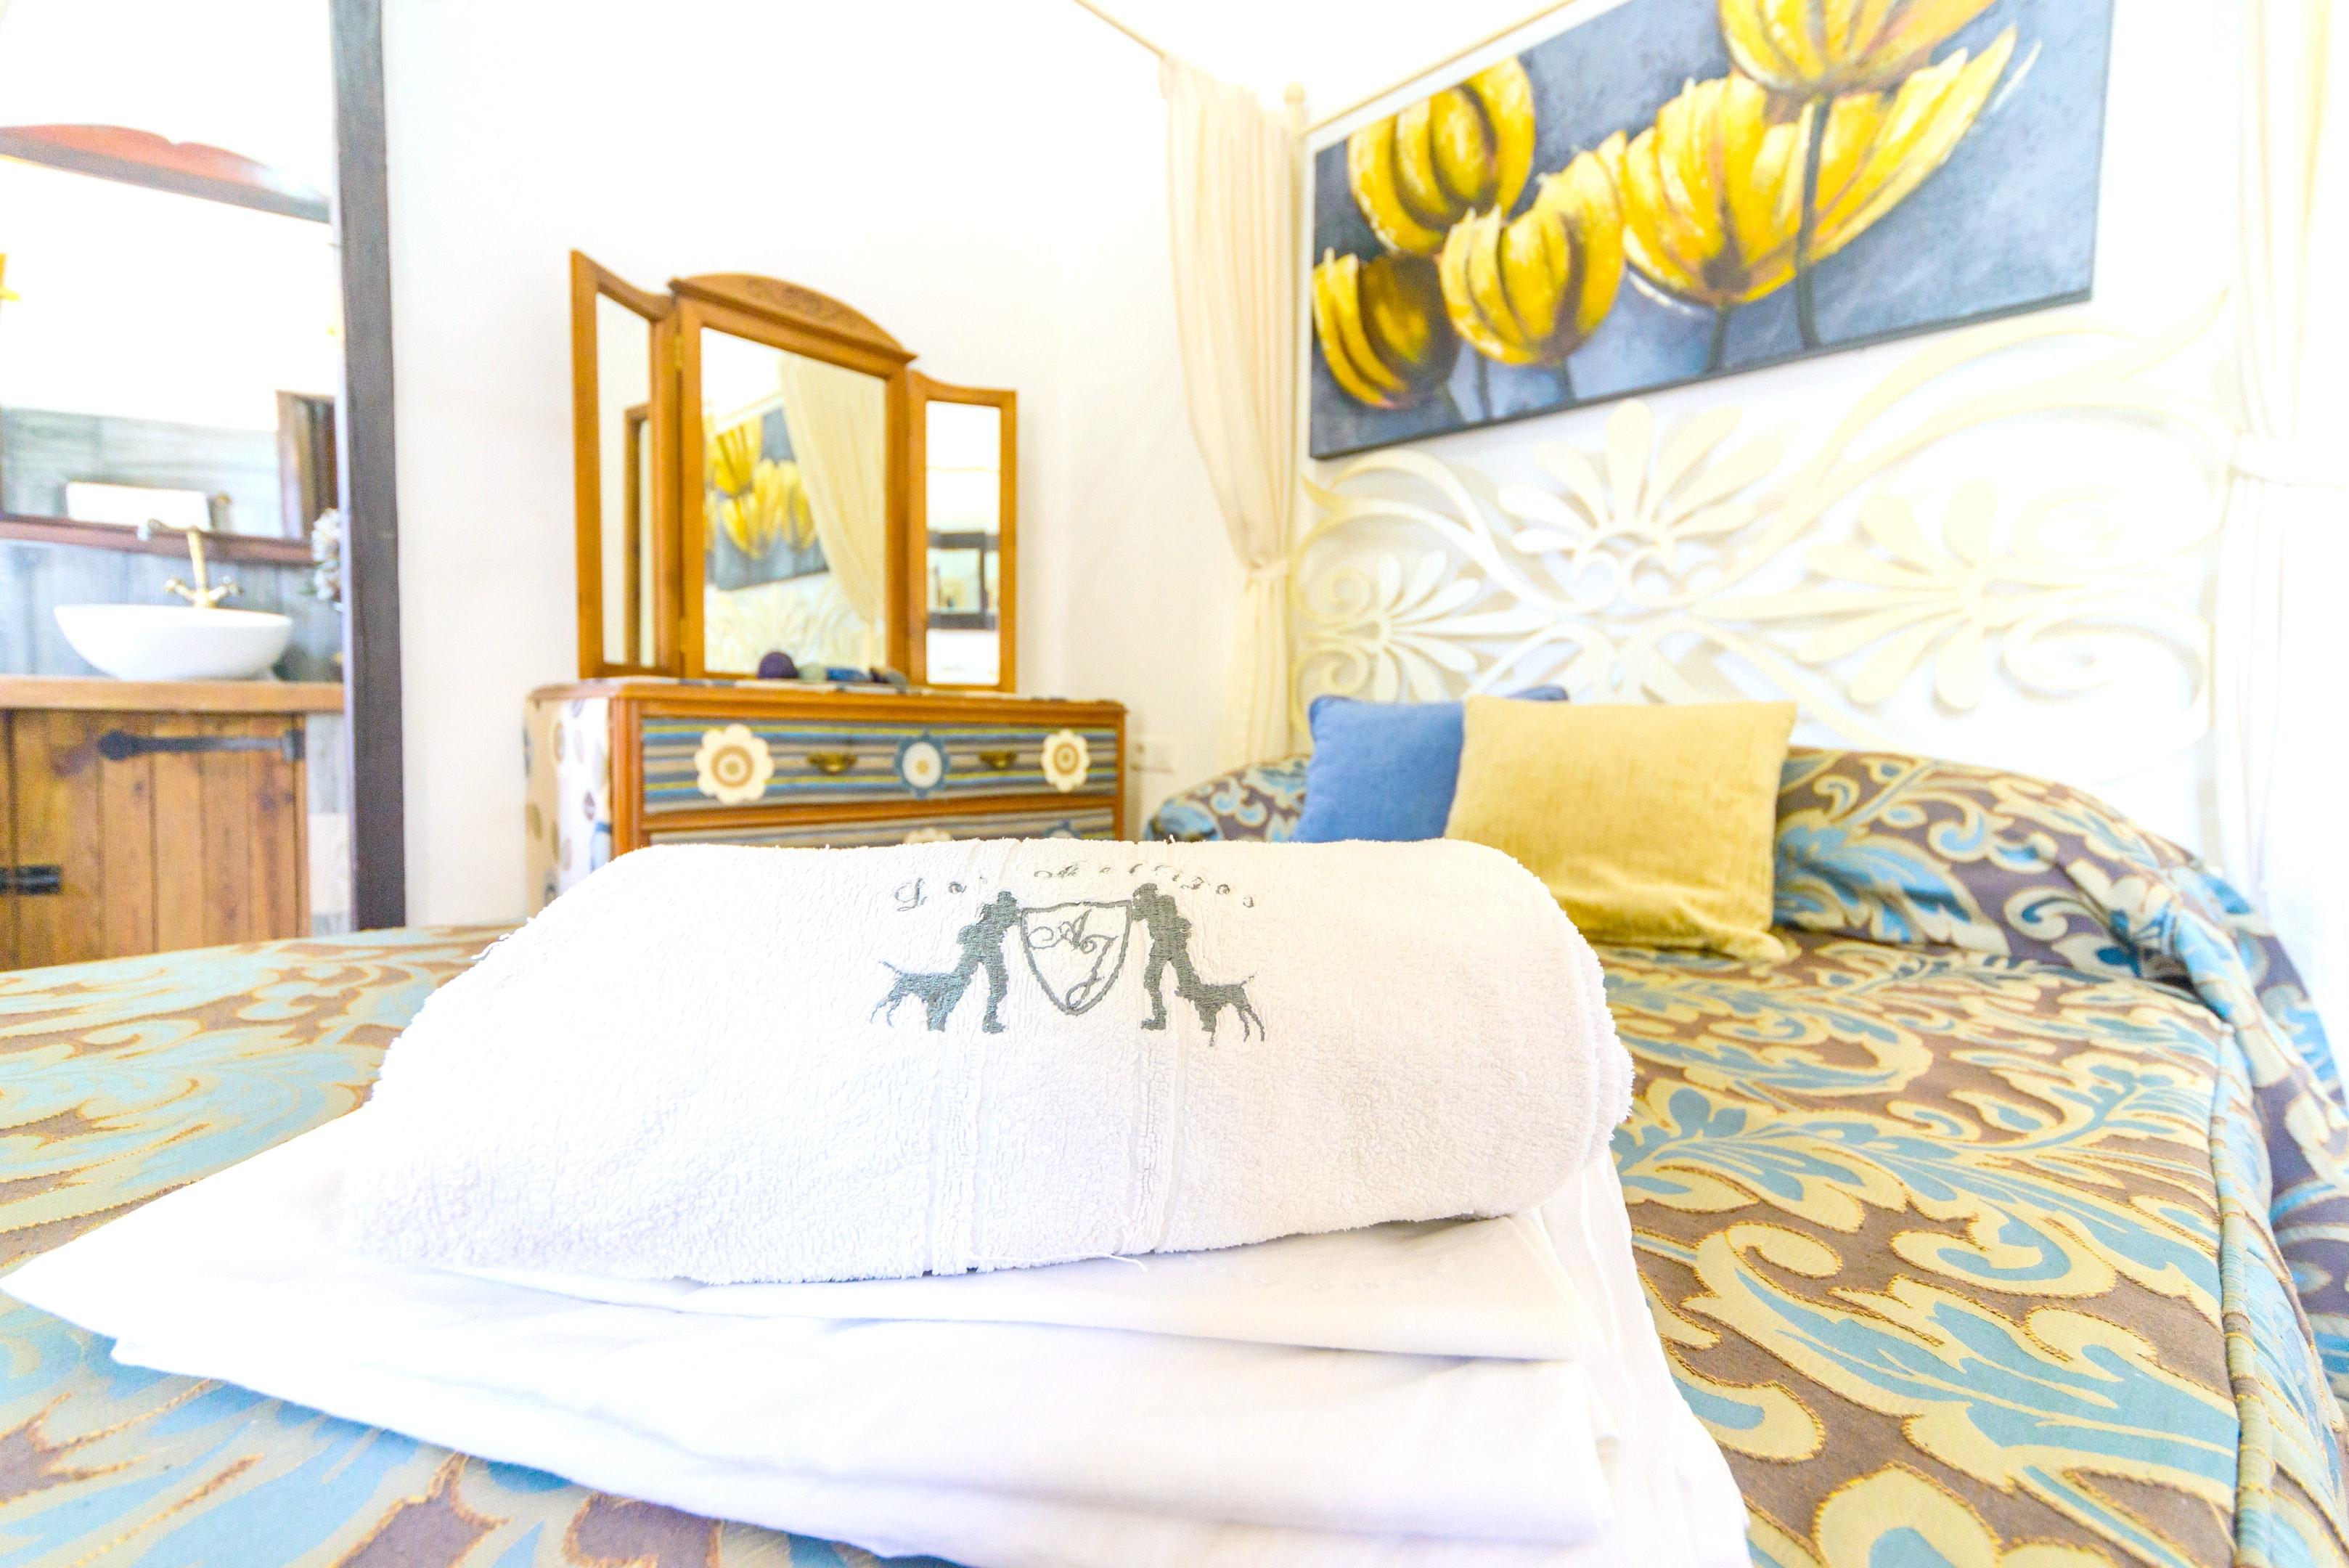 Ferienhaus Villa mit 3 Schlafzimmern in Peñaflor mit privatem Pool, eingezäuntem Garten und W-LAN (2208249), Peñaflor, Sevilla, Andalusien, Spanien, Bild 20